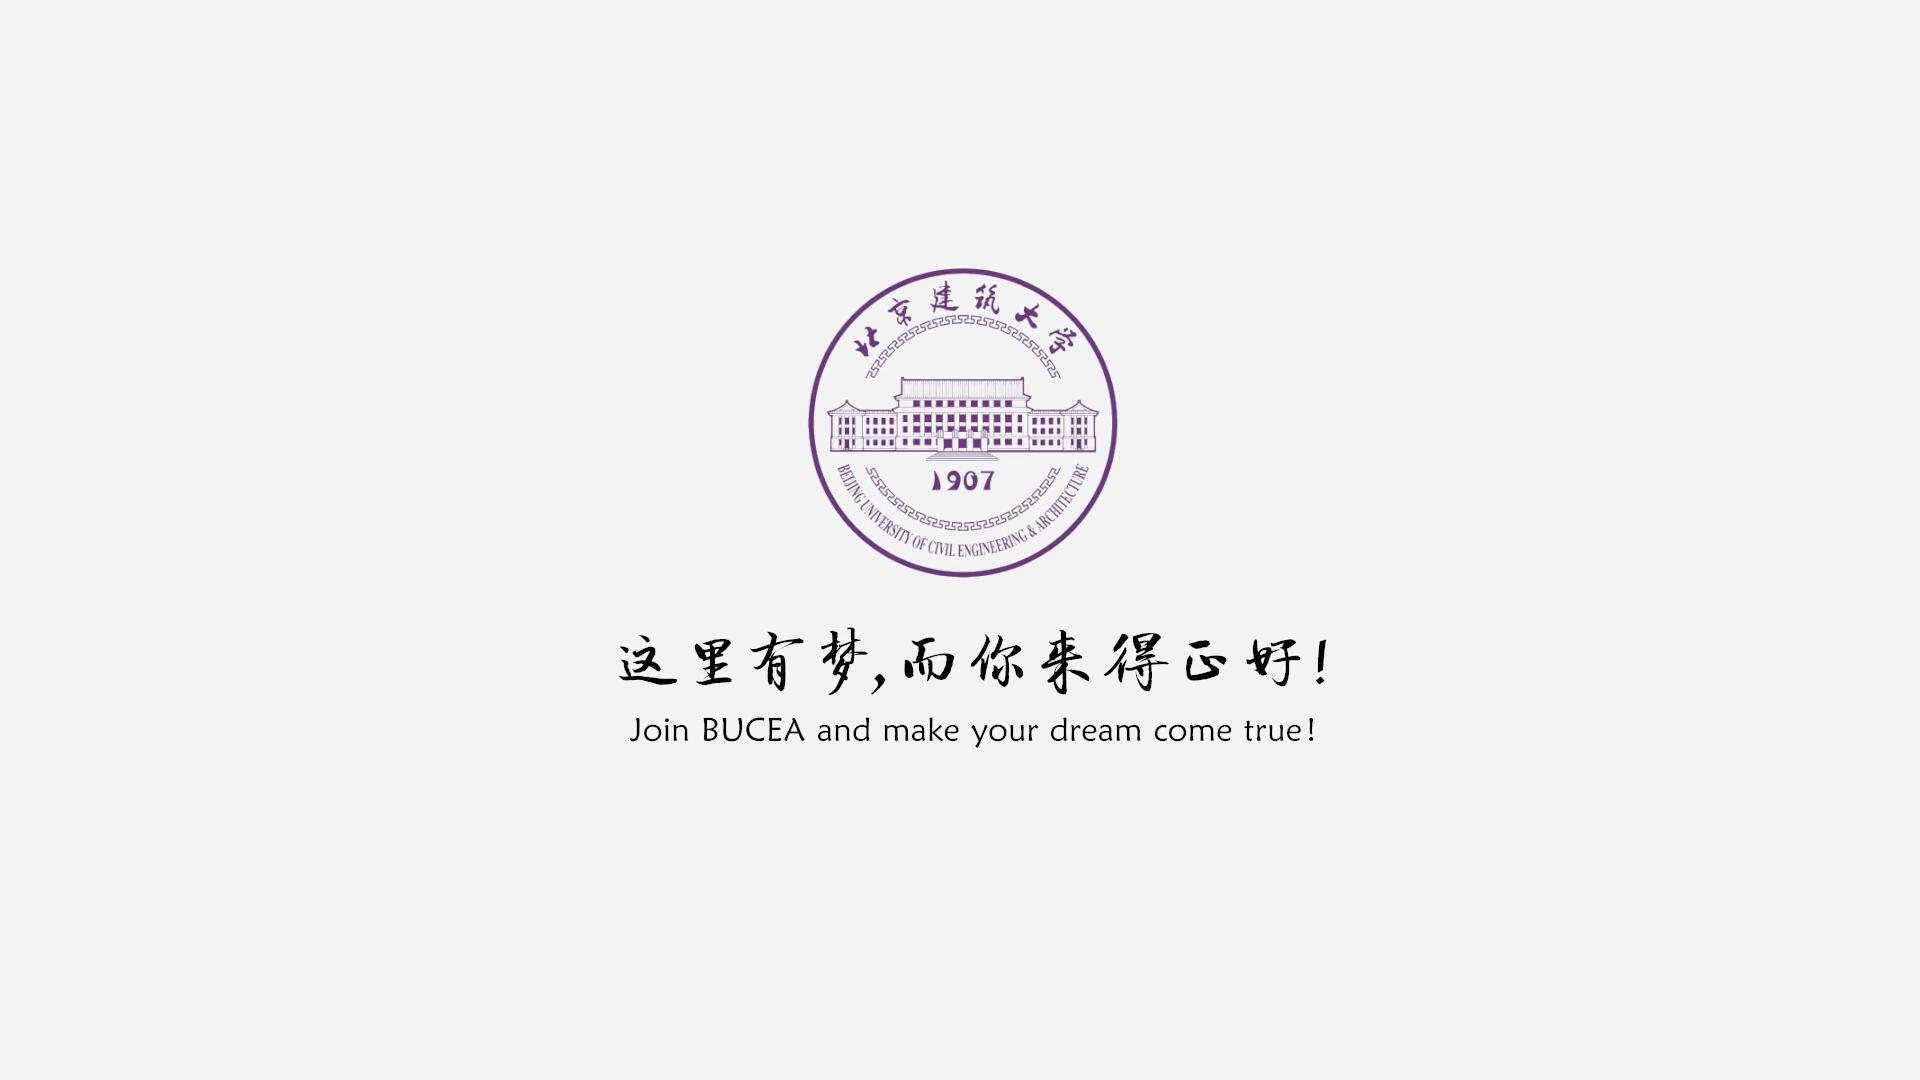 北京建筑大学2019年招生宣传片